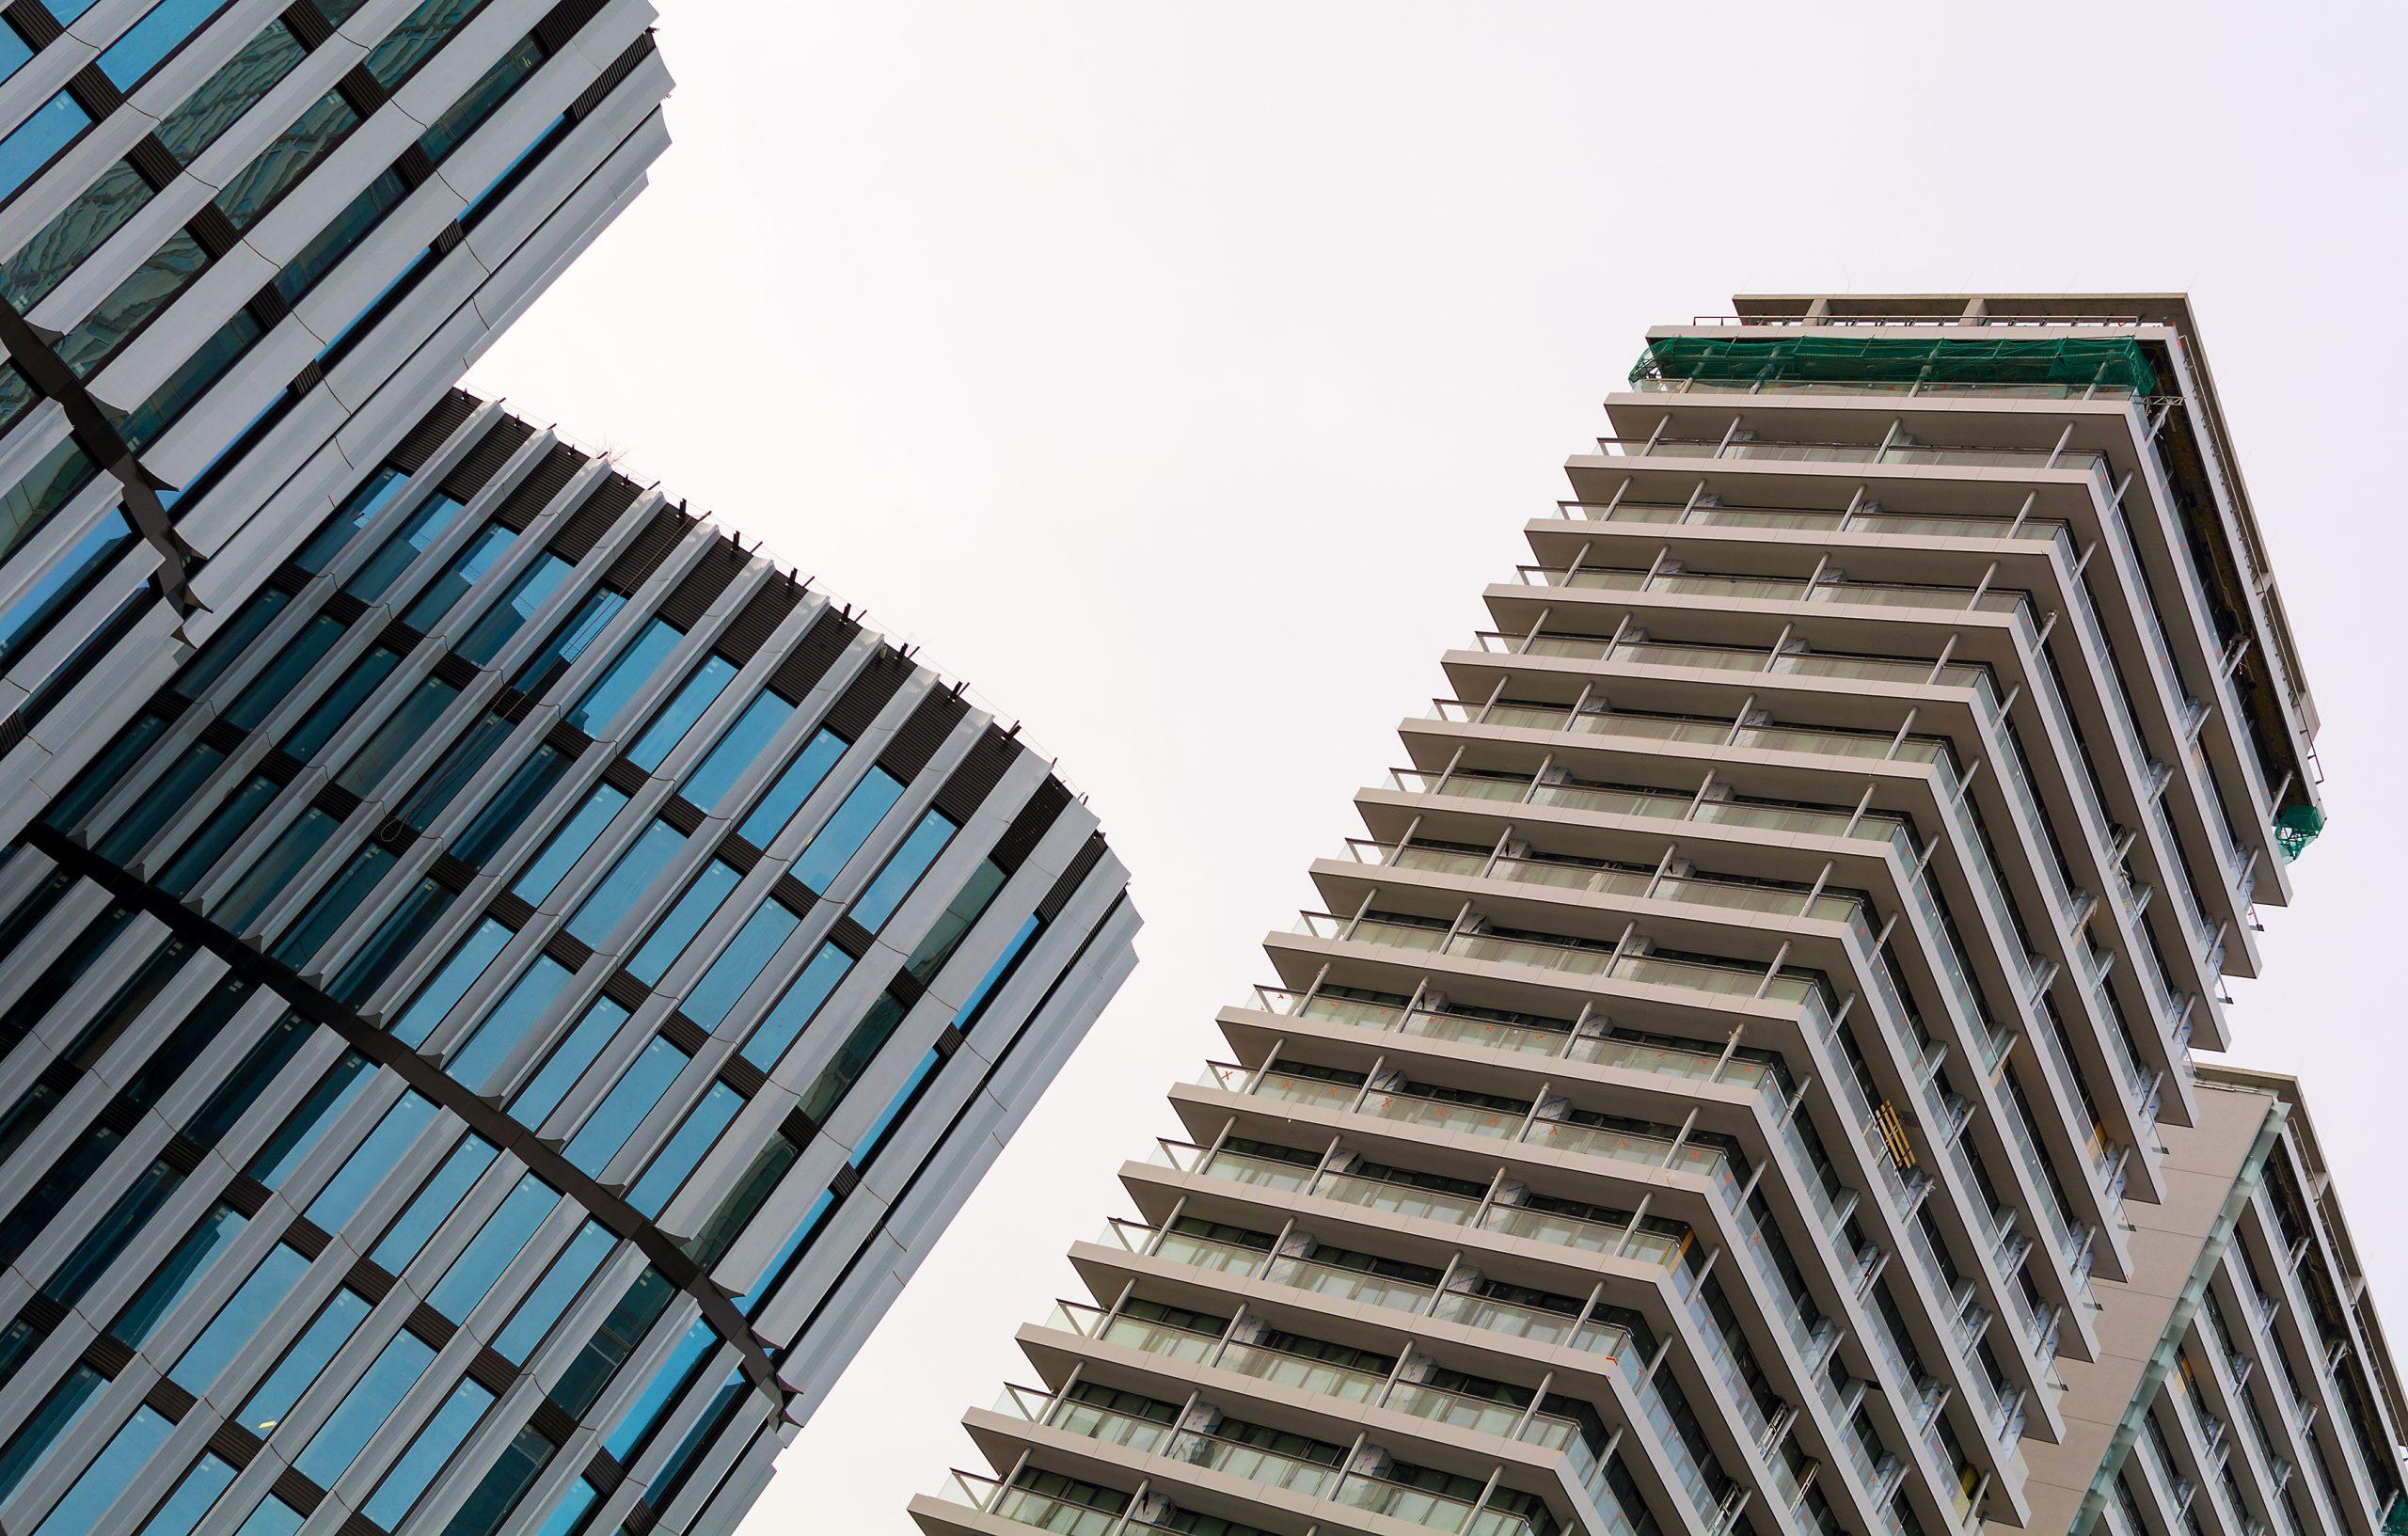 מנקי חלונות מסכנים את חייהם כדי לשמור על העיר נקייה